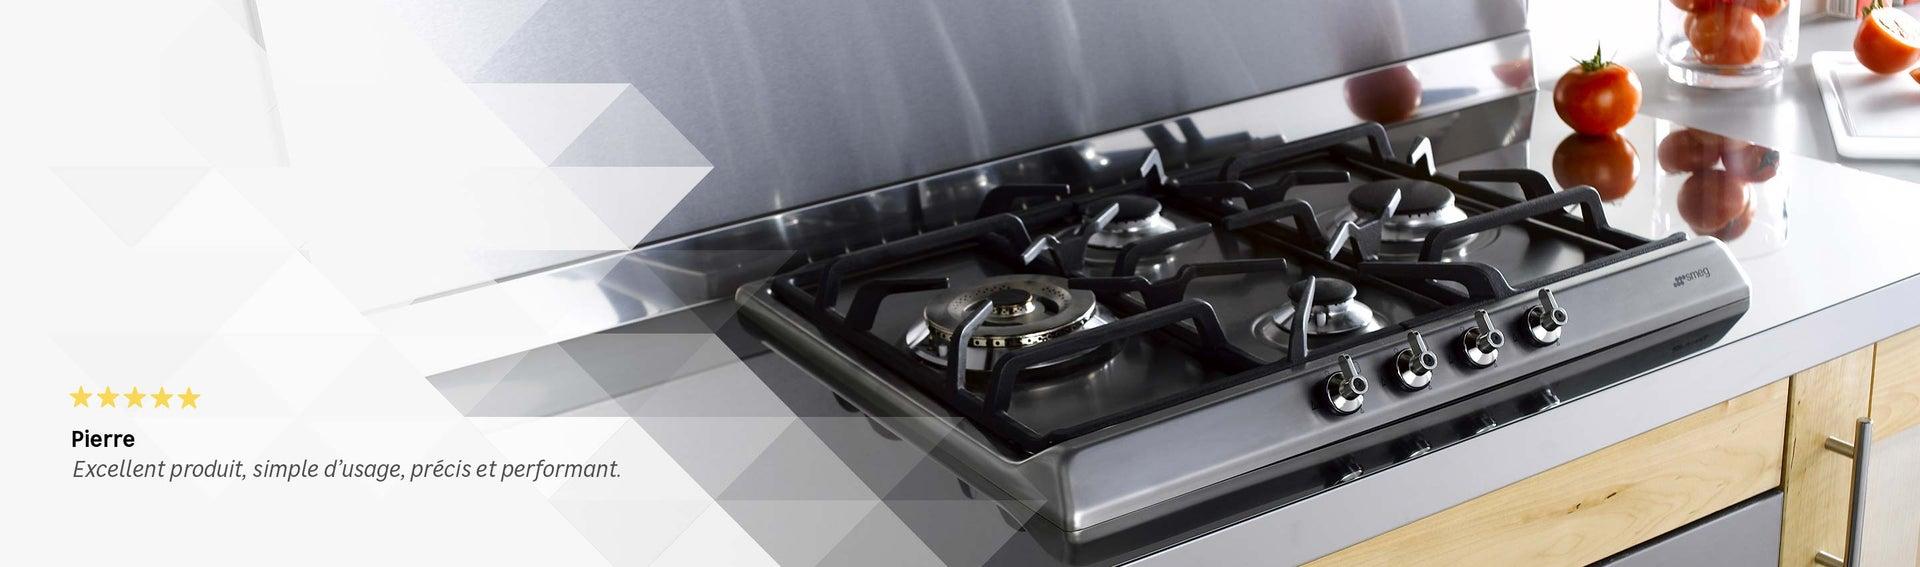 electrom nager four hotte r frig rateur et plaque de cuisson leroy merlin. Black Bedroom Furniture Sets. Home Design Ideas